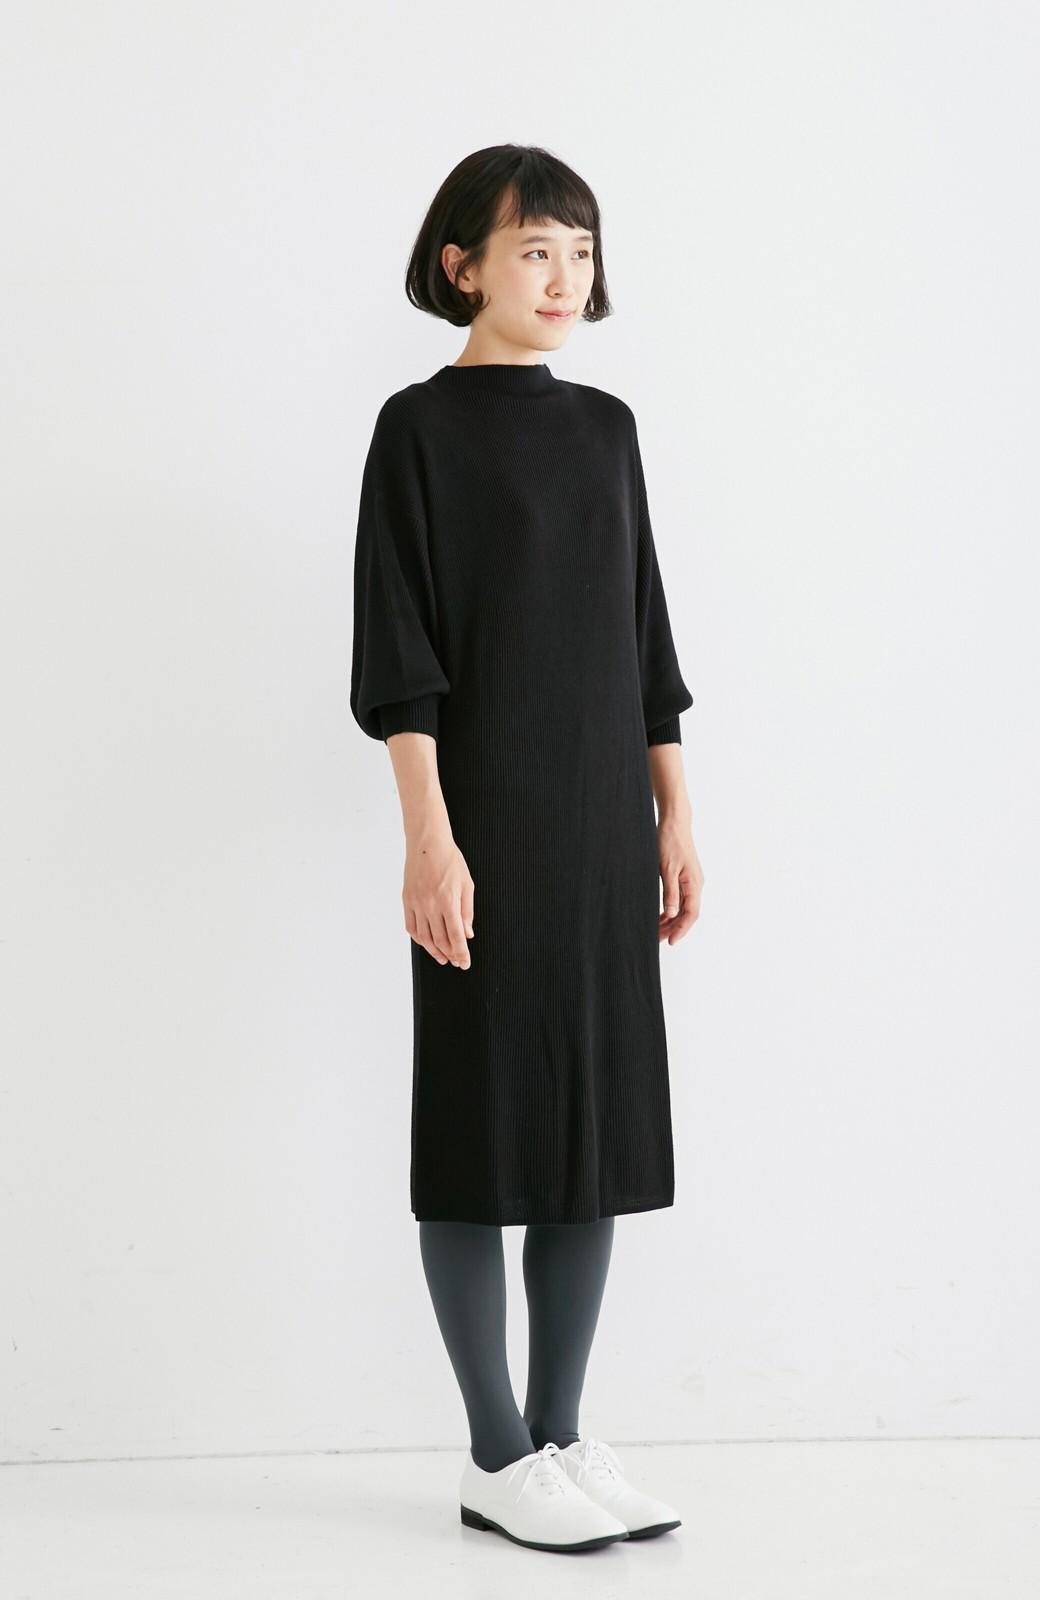 エムトロワ 吸湿発熱素材の袖ぷっくりリブニットワンピース <ブラック>の商品写真4